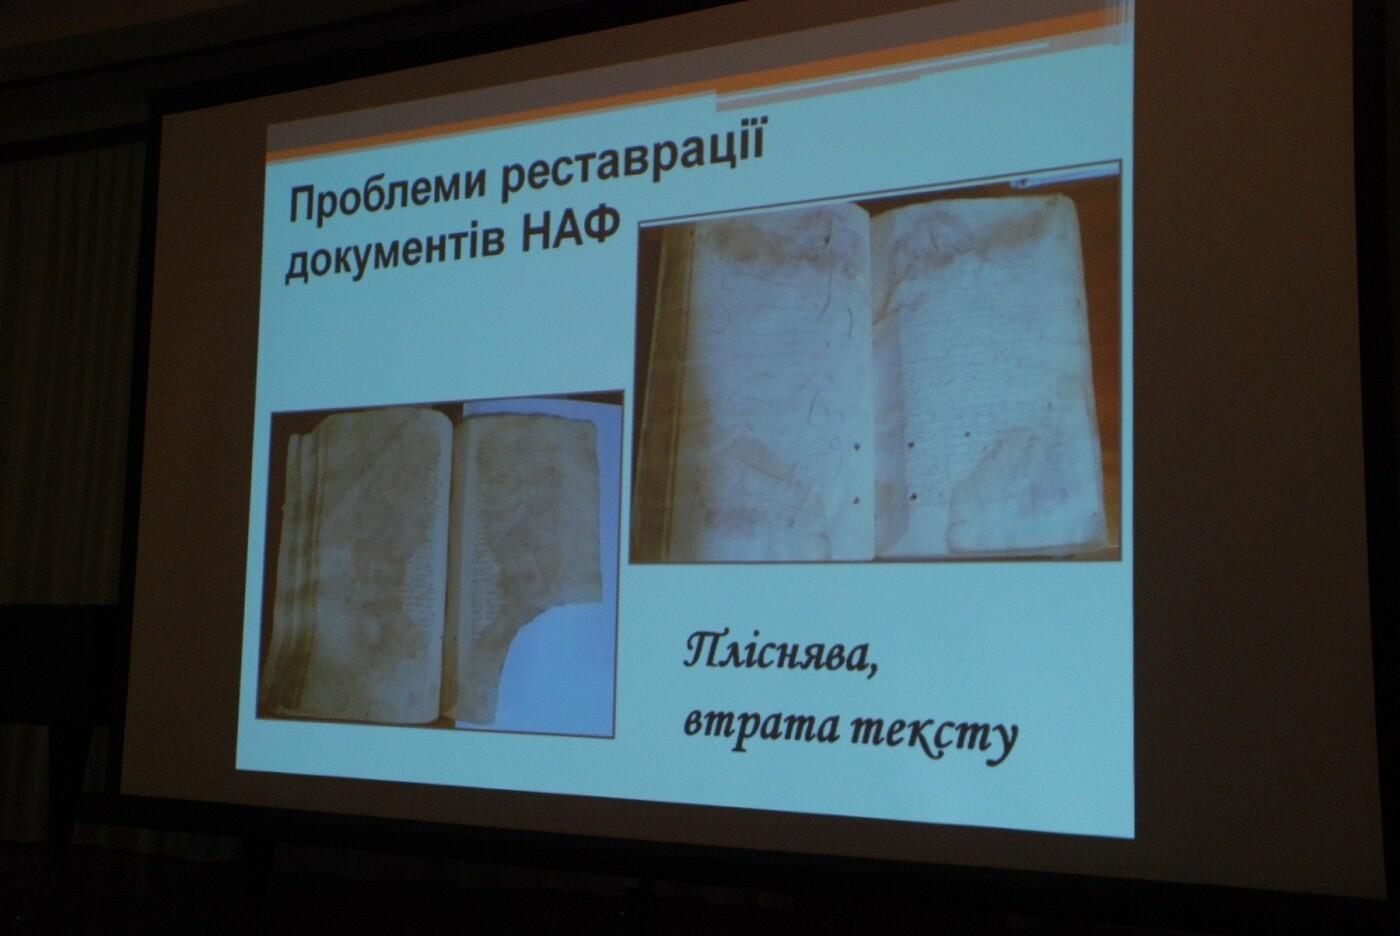 Каменчанка представила Днепропетровскую область на круглом столе архивистов, фото-1